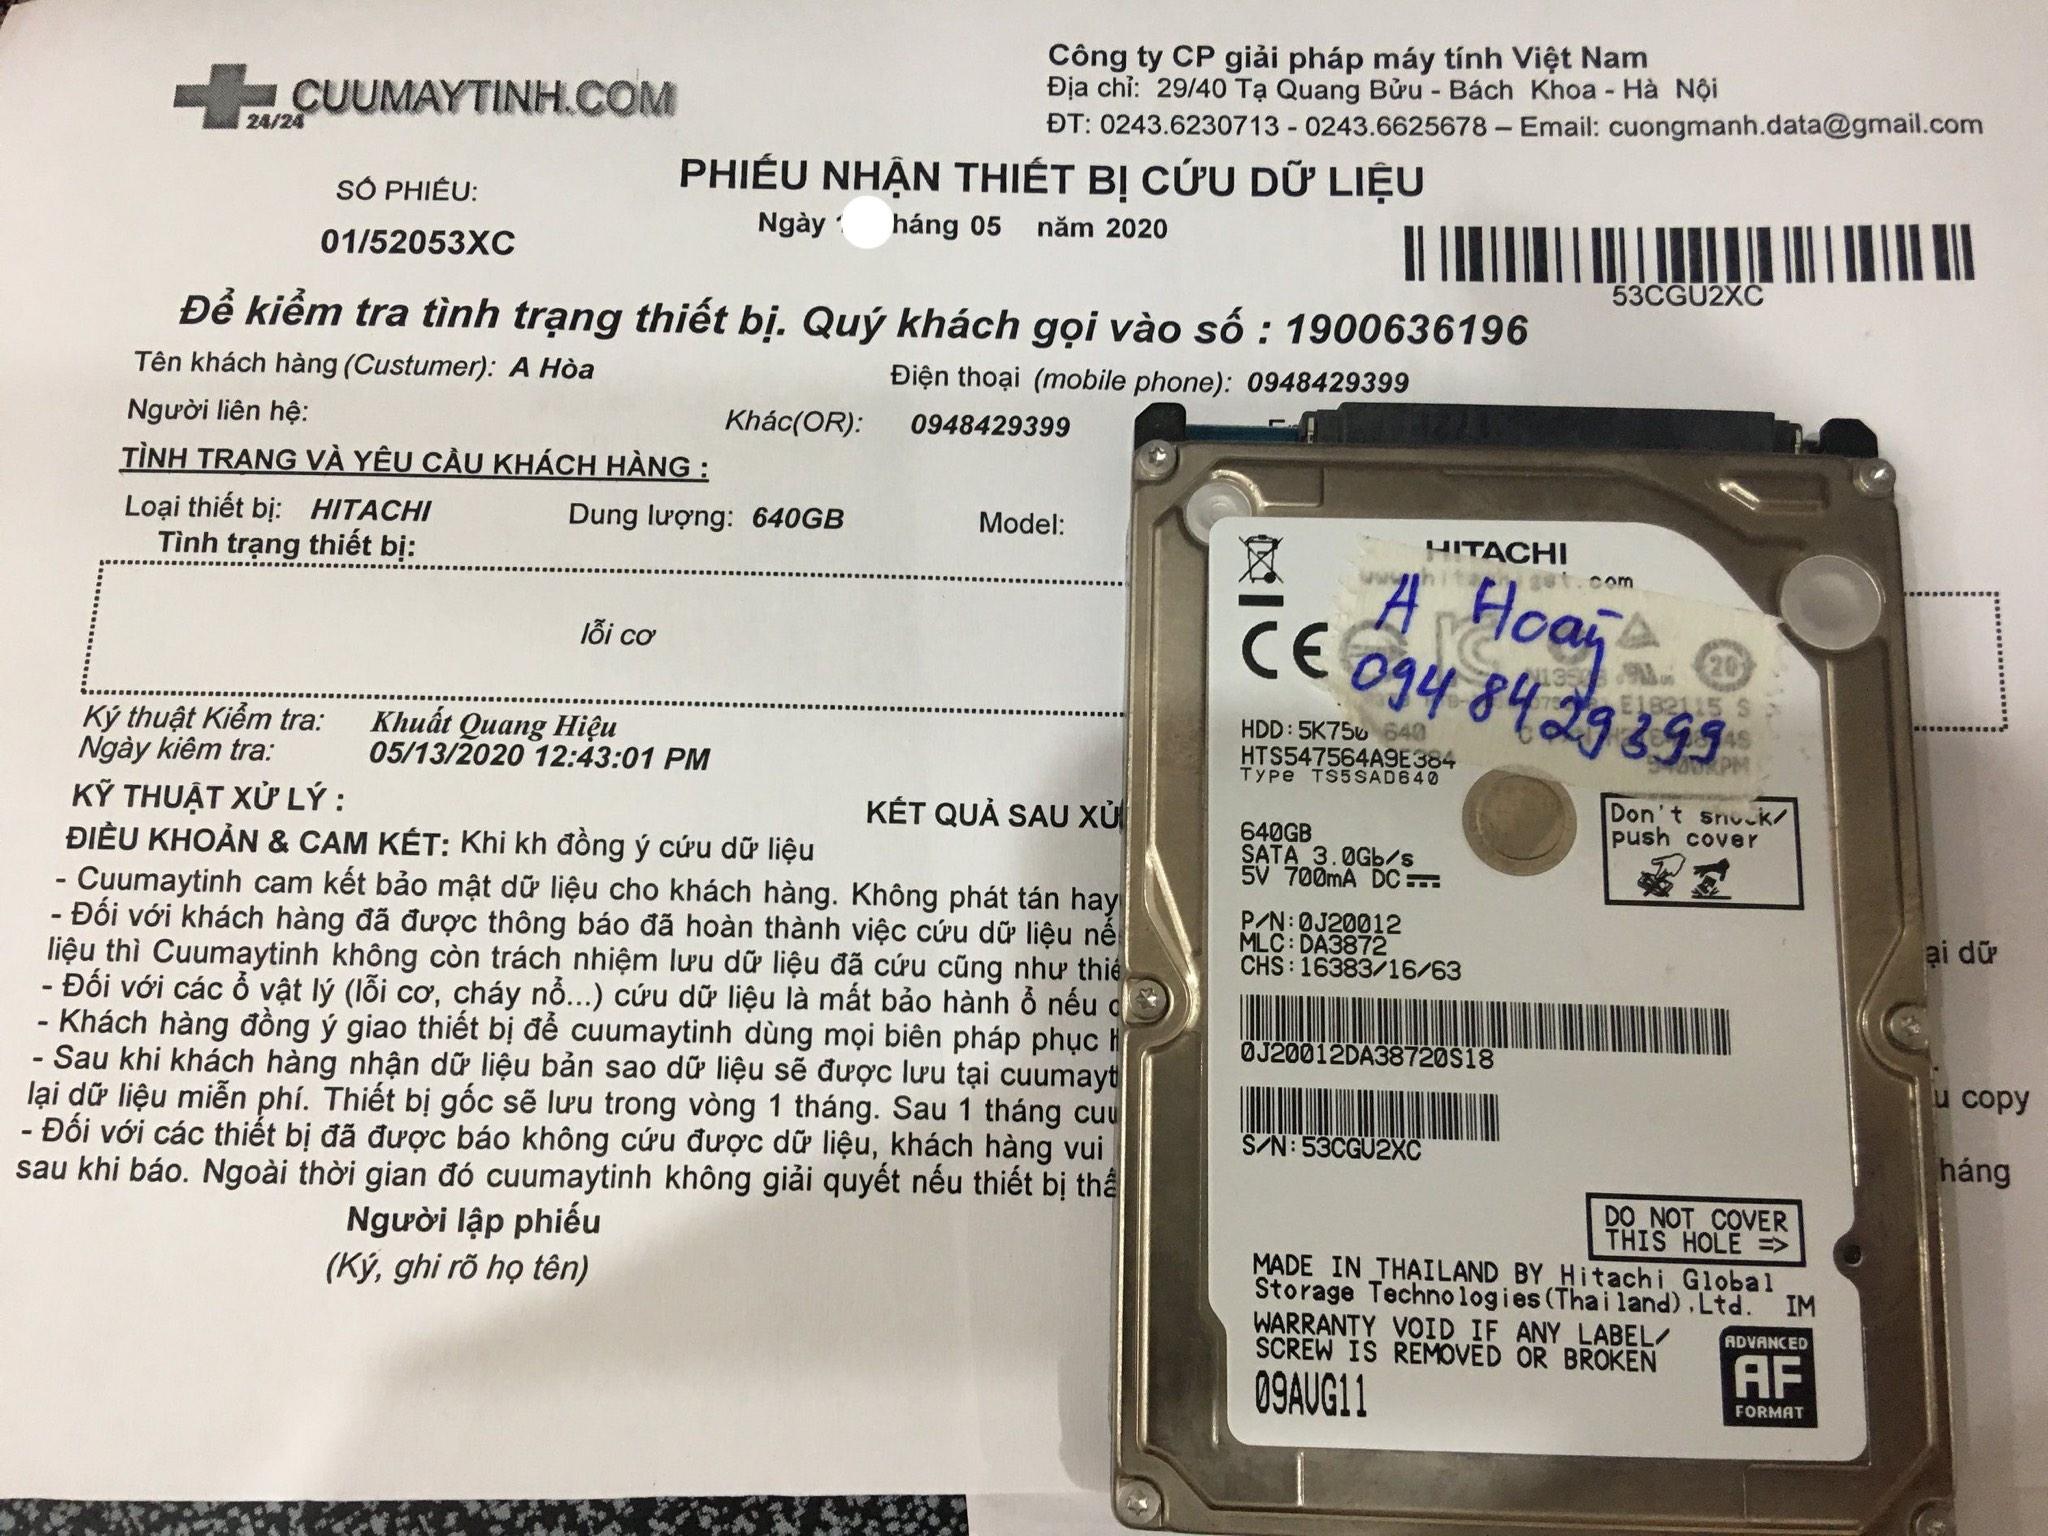 Lấy dữ liệu ổ cứng Hitachi 640GB lỗi cơ 21/05/2020 - cuumaytinh